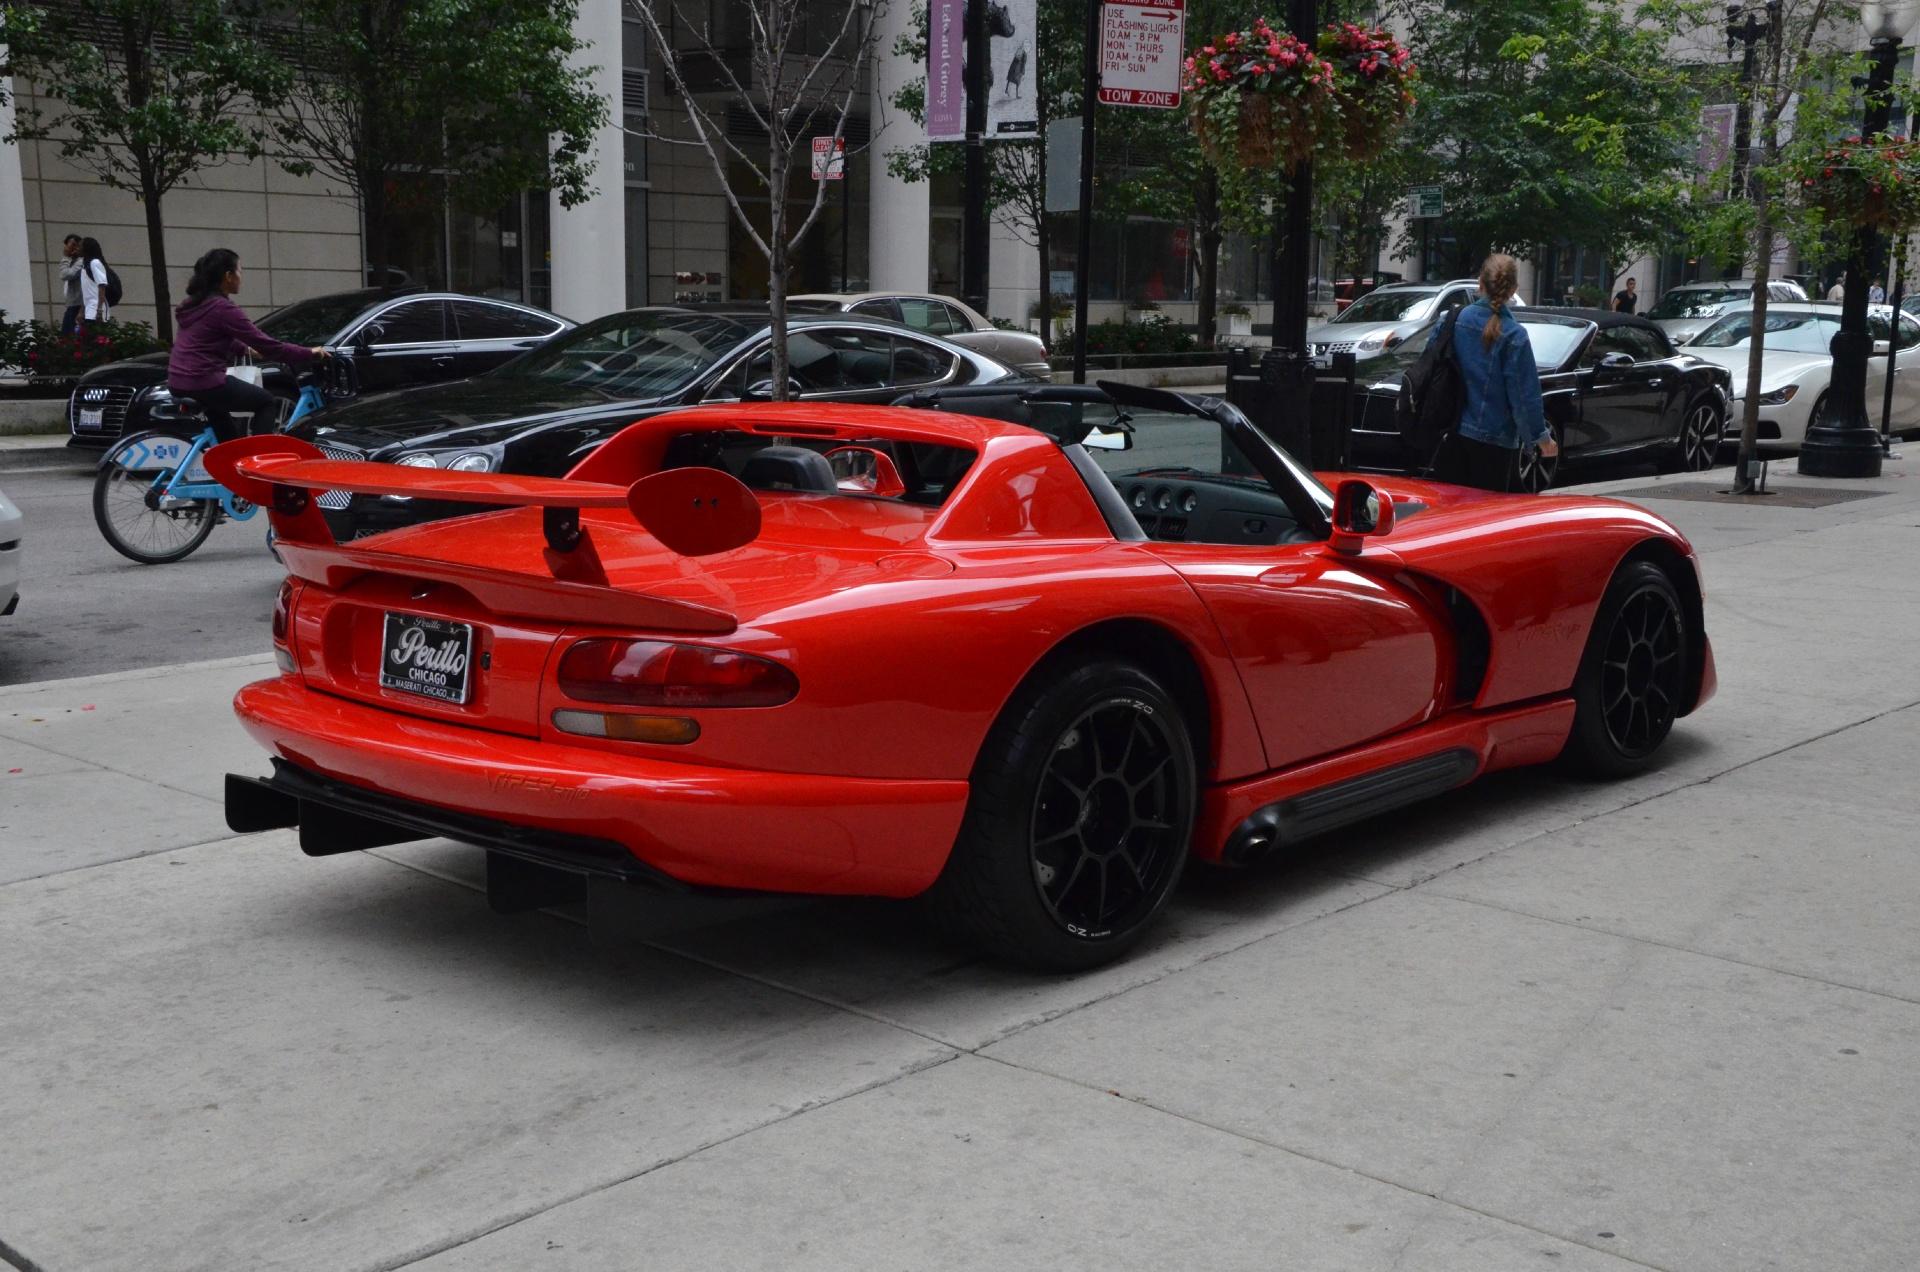 Used 1995 dodge viper rt 10 chicago il